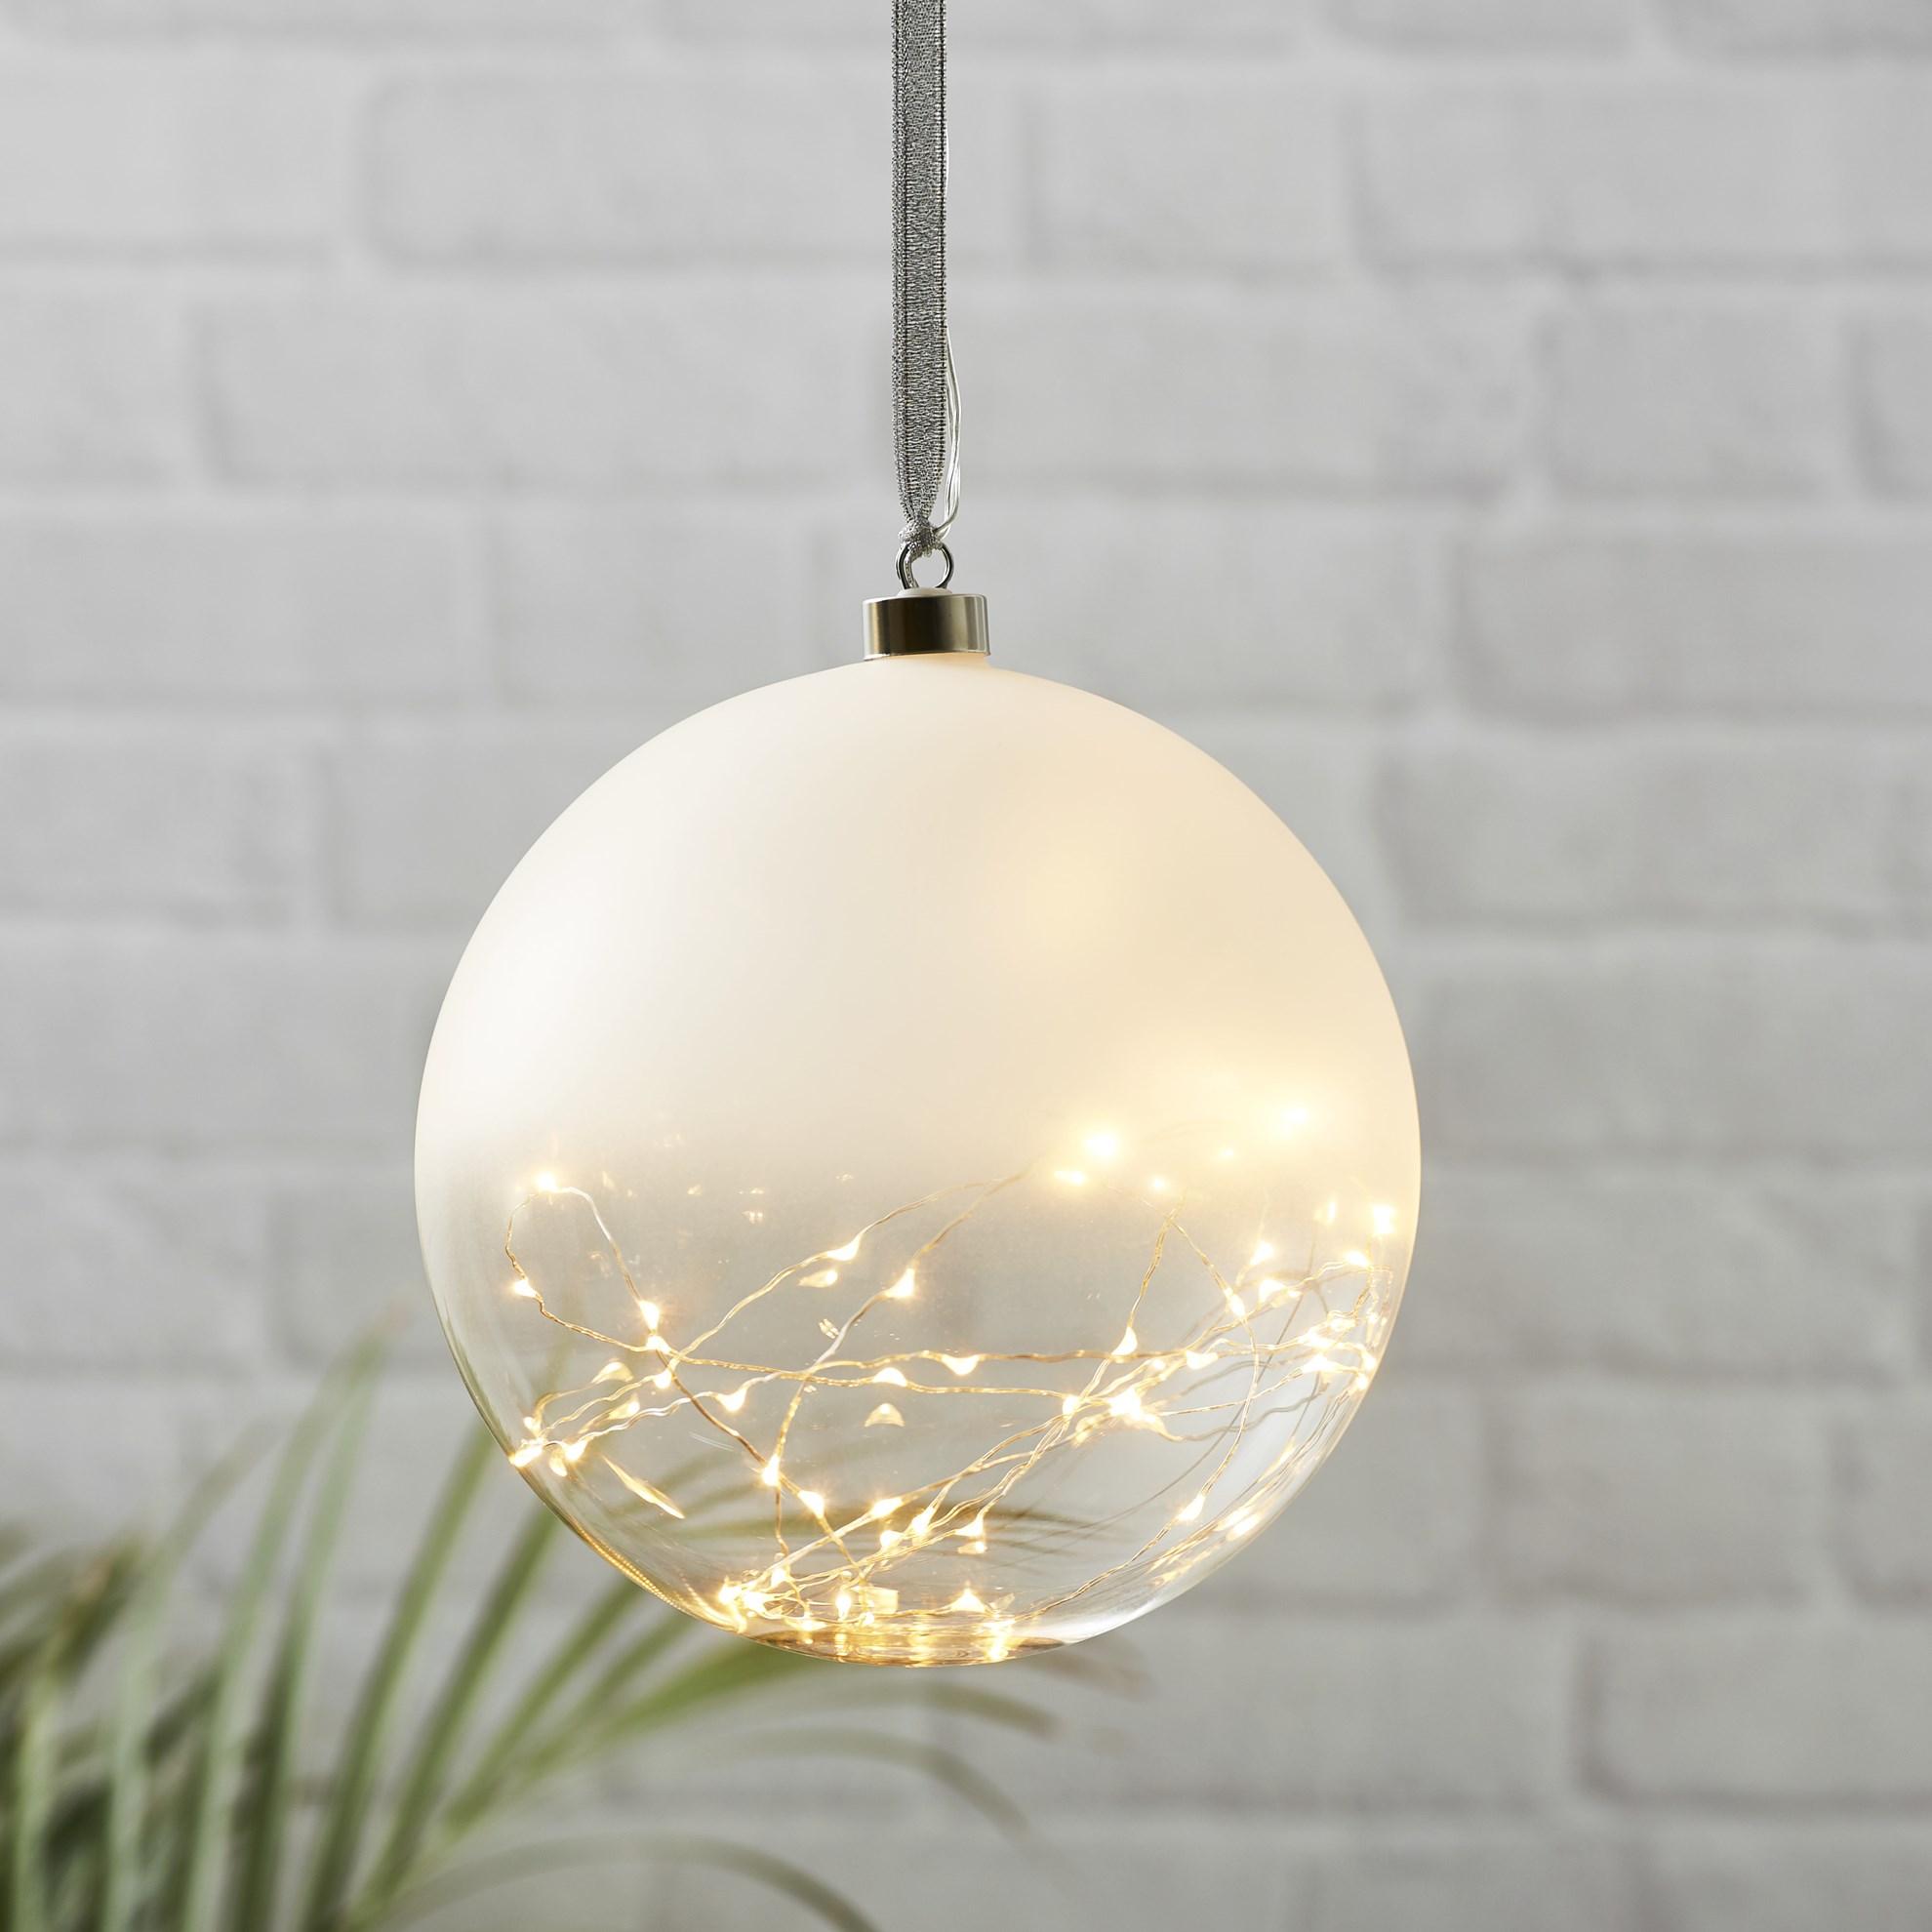 """LED skleněné osvětlení """"Glow"""", 50x LED_0"""